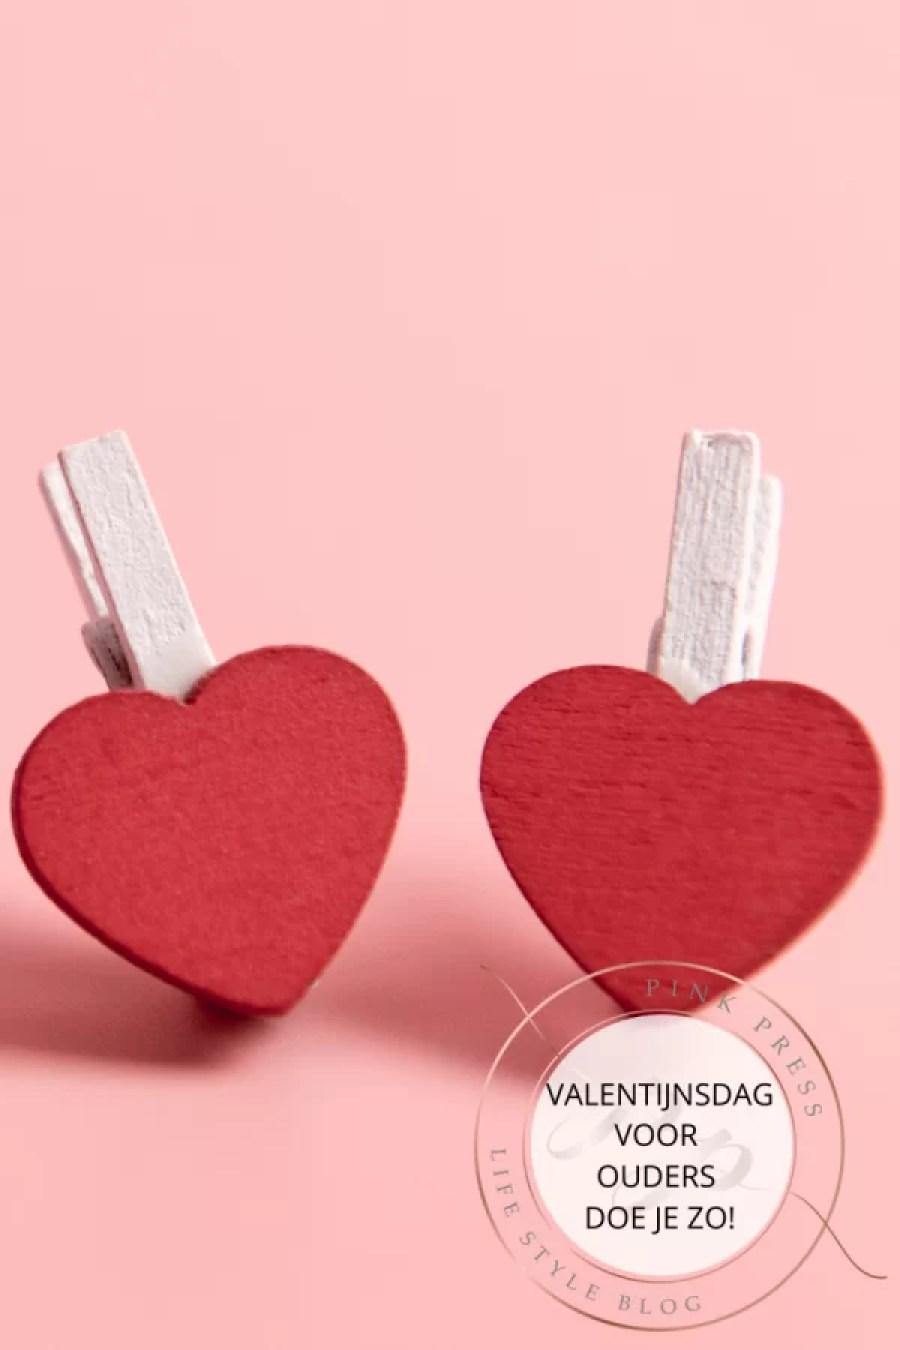 valentijnsdag voor ouders doe je zo - Valentijnsdag voor ouders doe je zo!